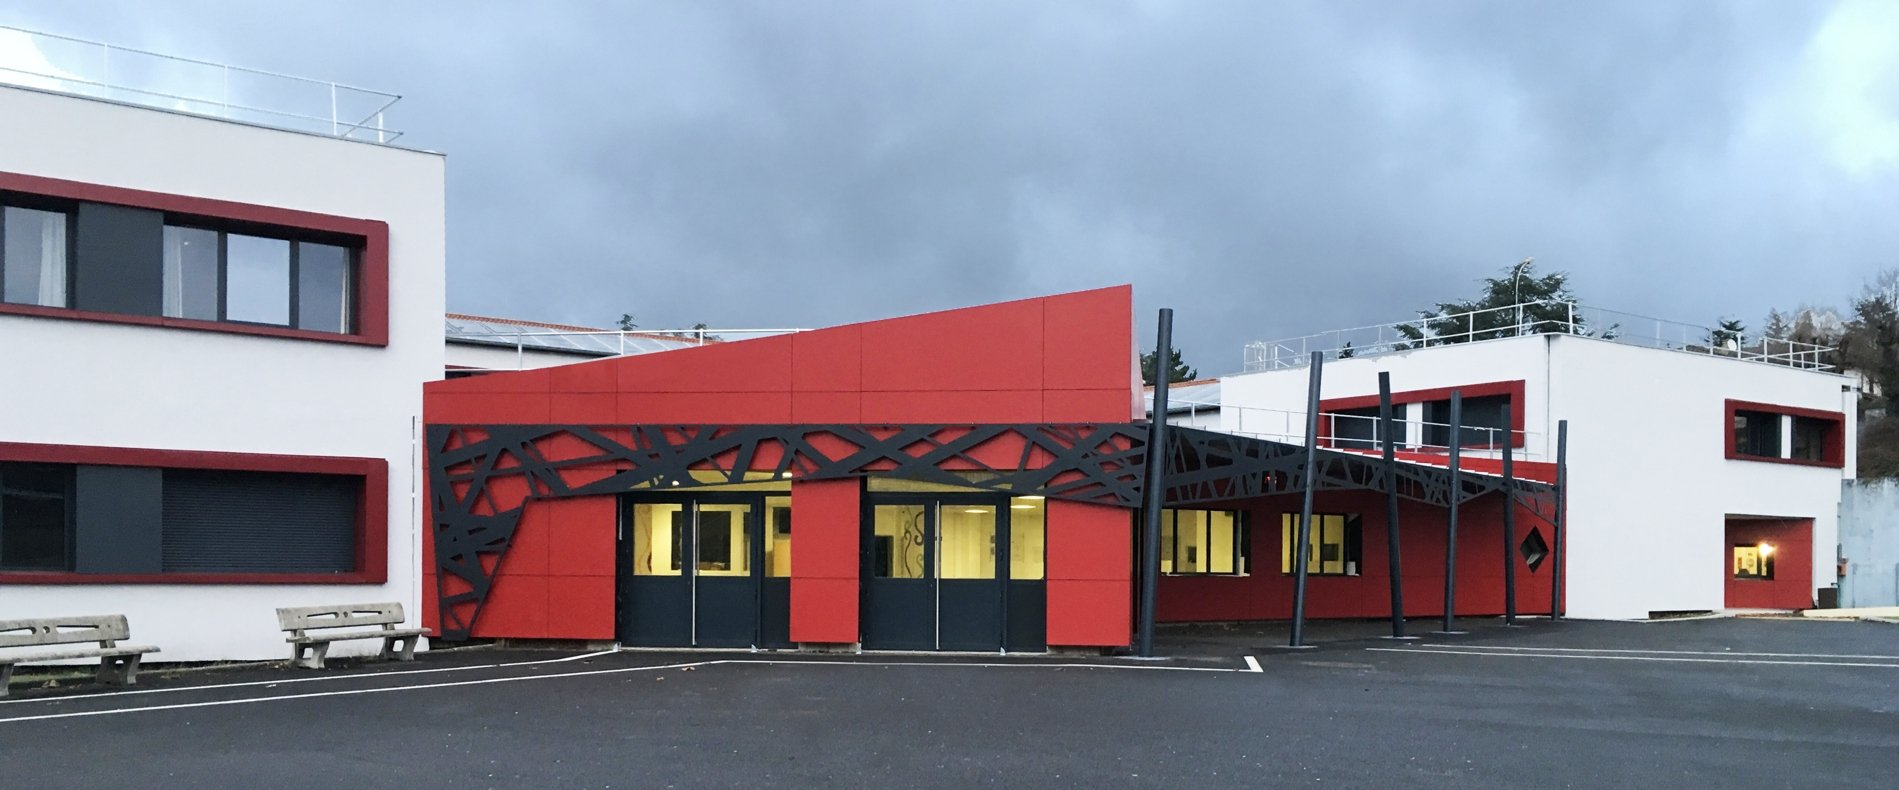 ACTUALITE : La réhabilitation thermique du Lycée Simone WEIL